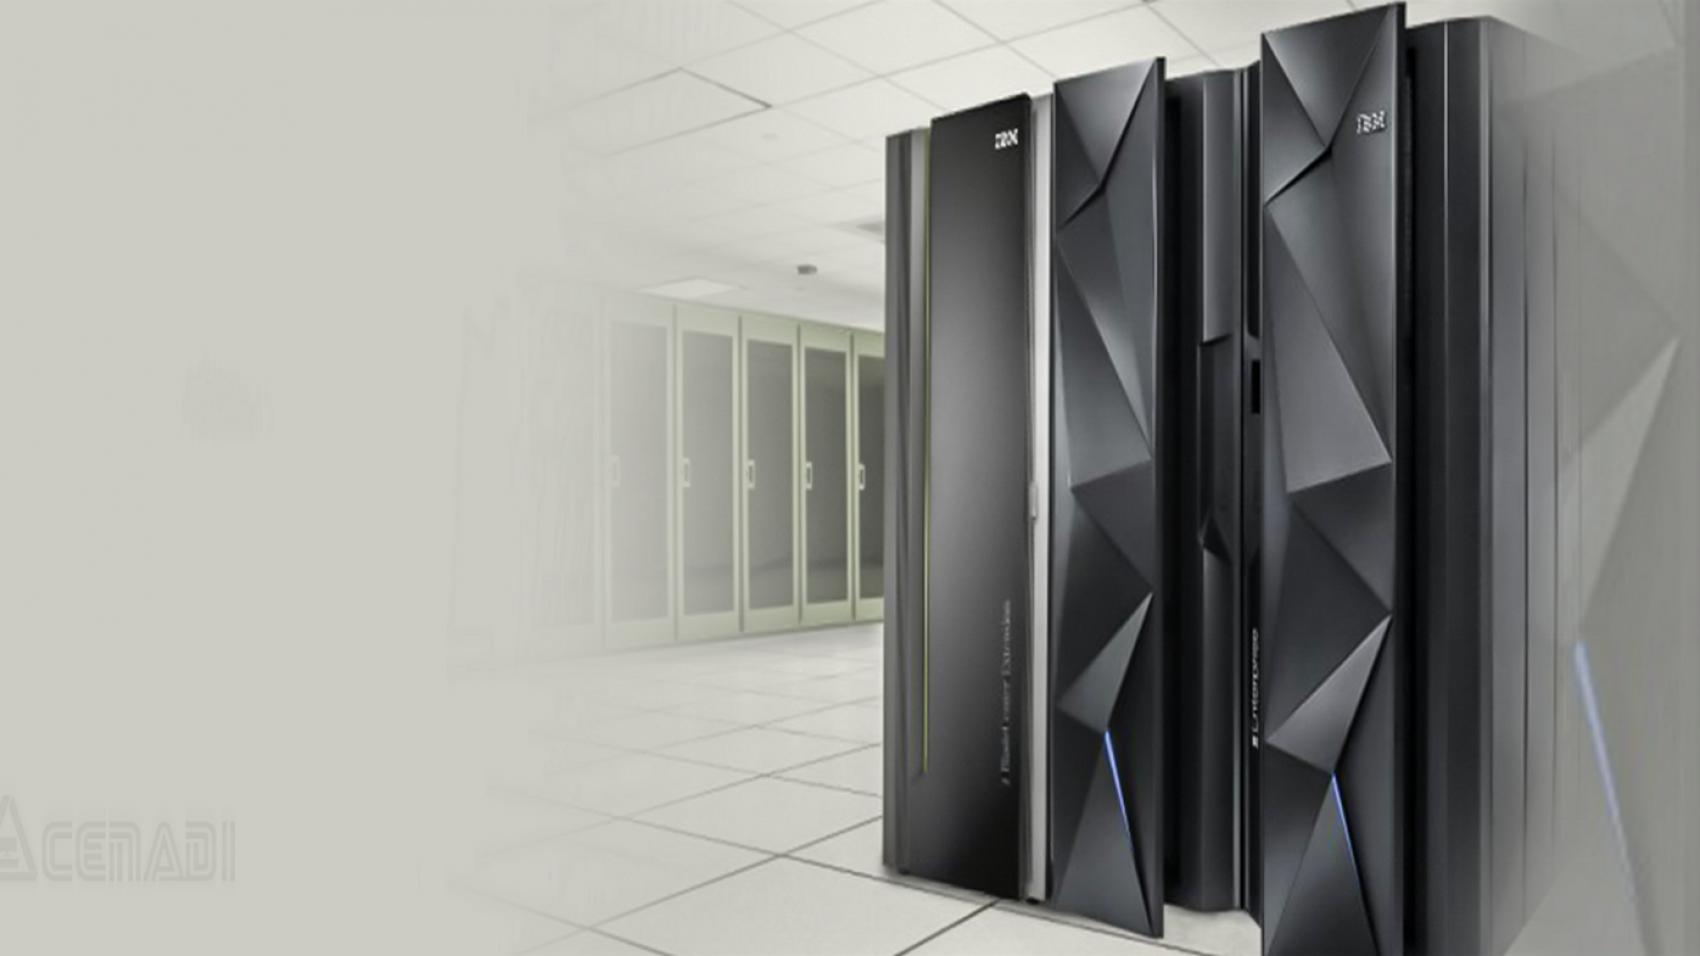 cenadi-slide-mainframe3334567 (1)